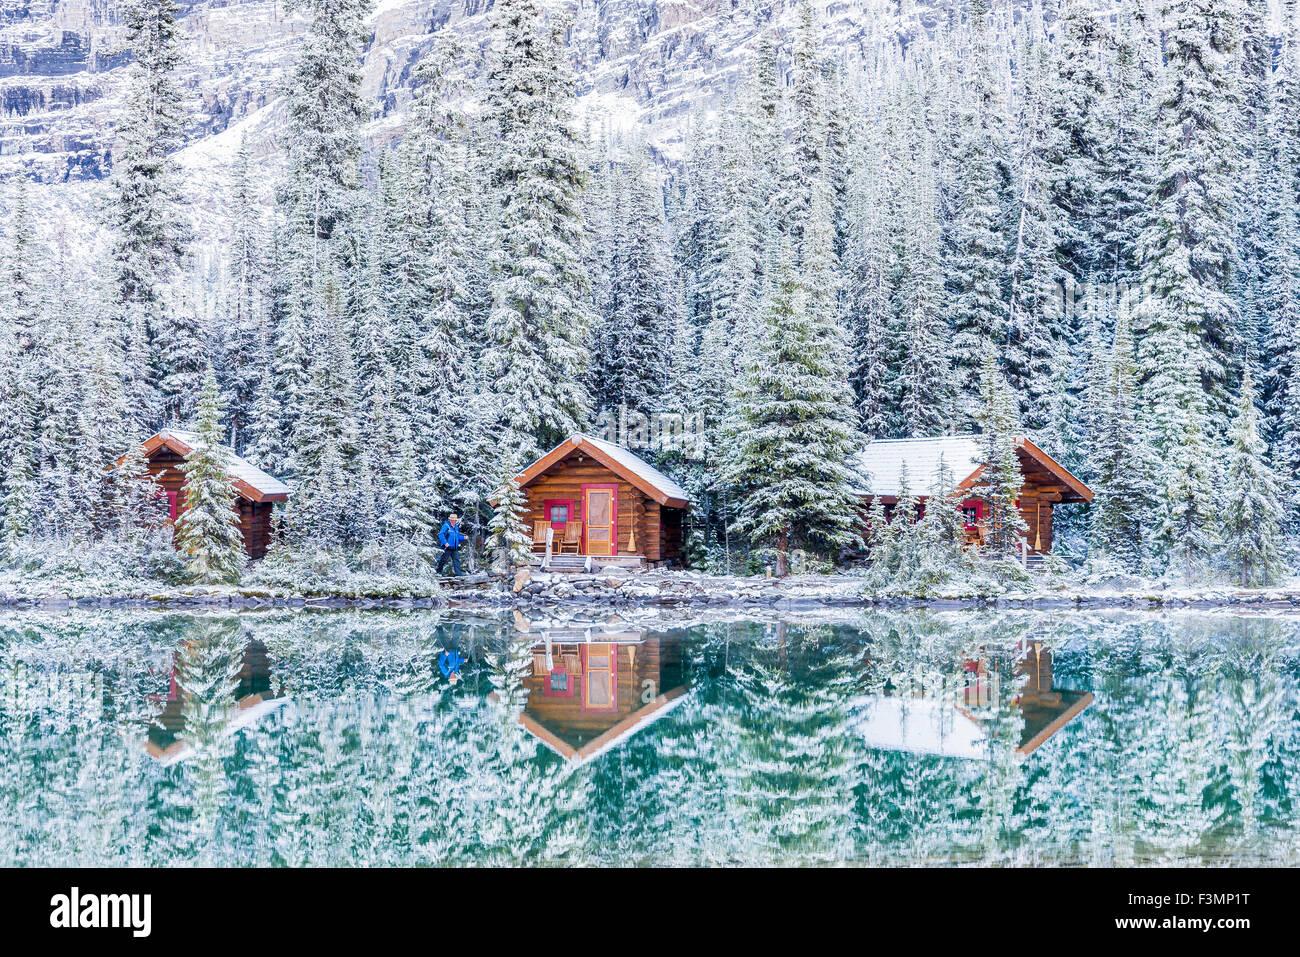 Cabañas, Lago O'Hara, el Parque Nacional Yoho, British Columbia, Canadá Foto de stock